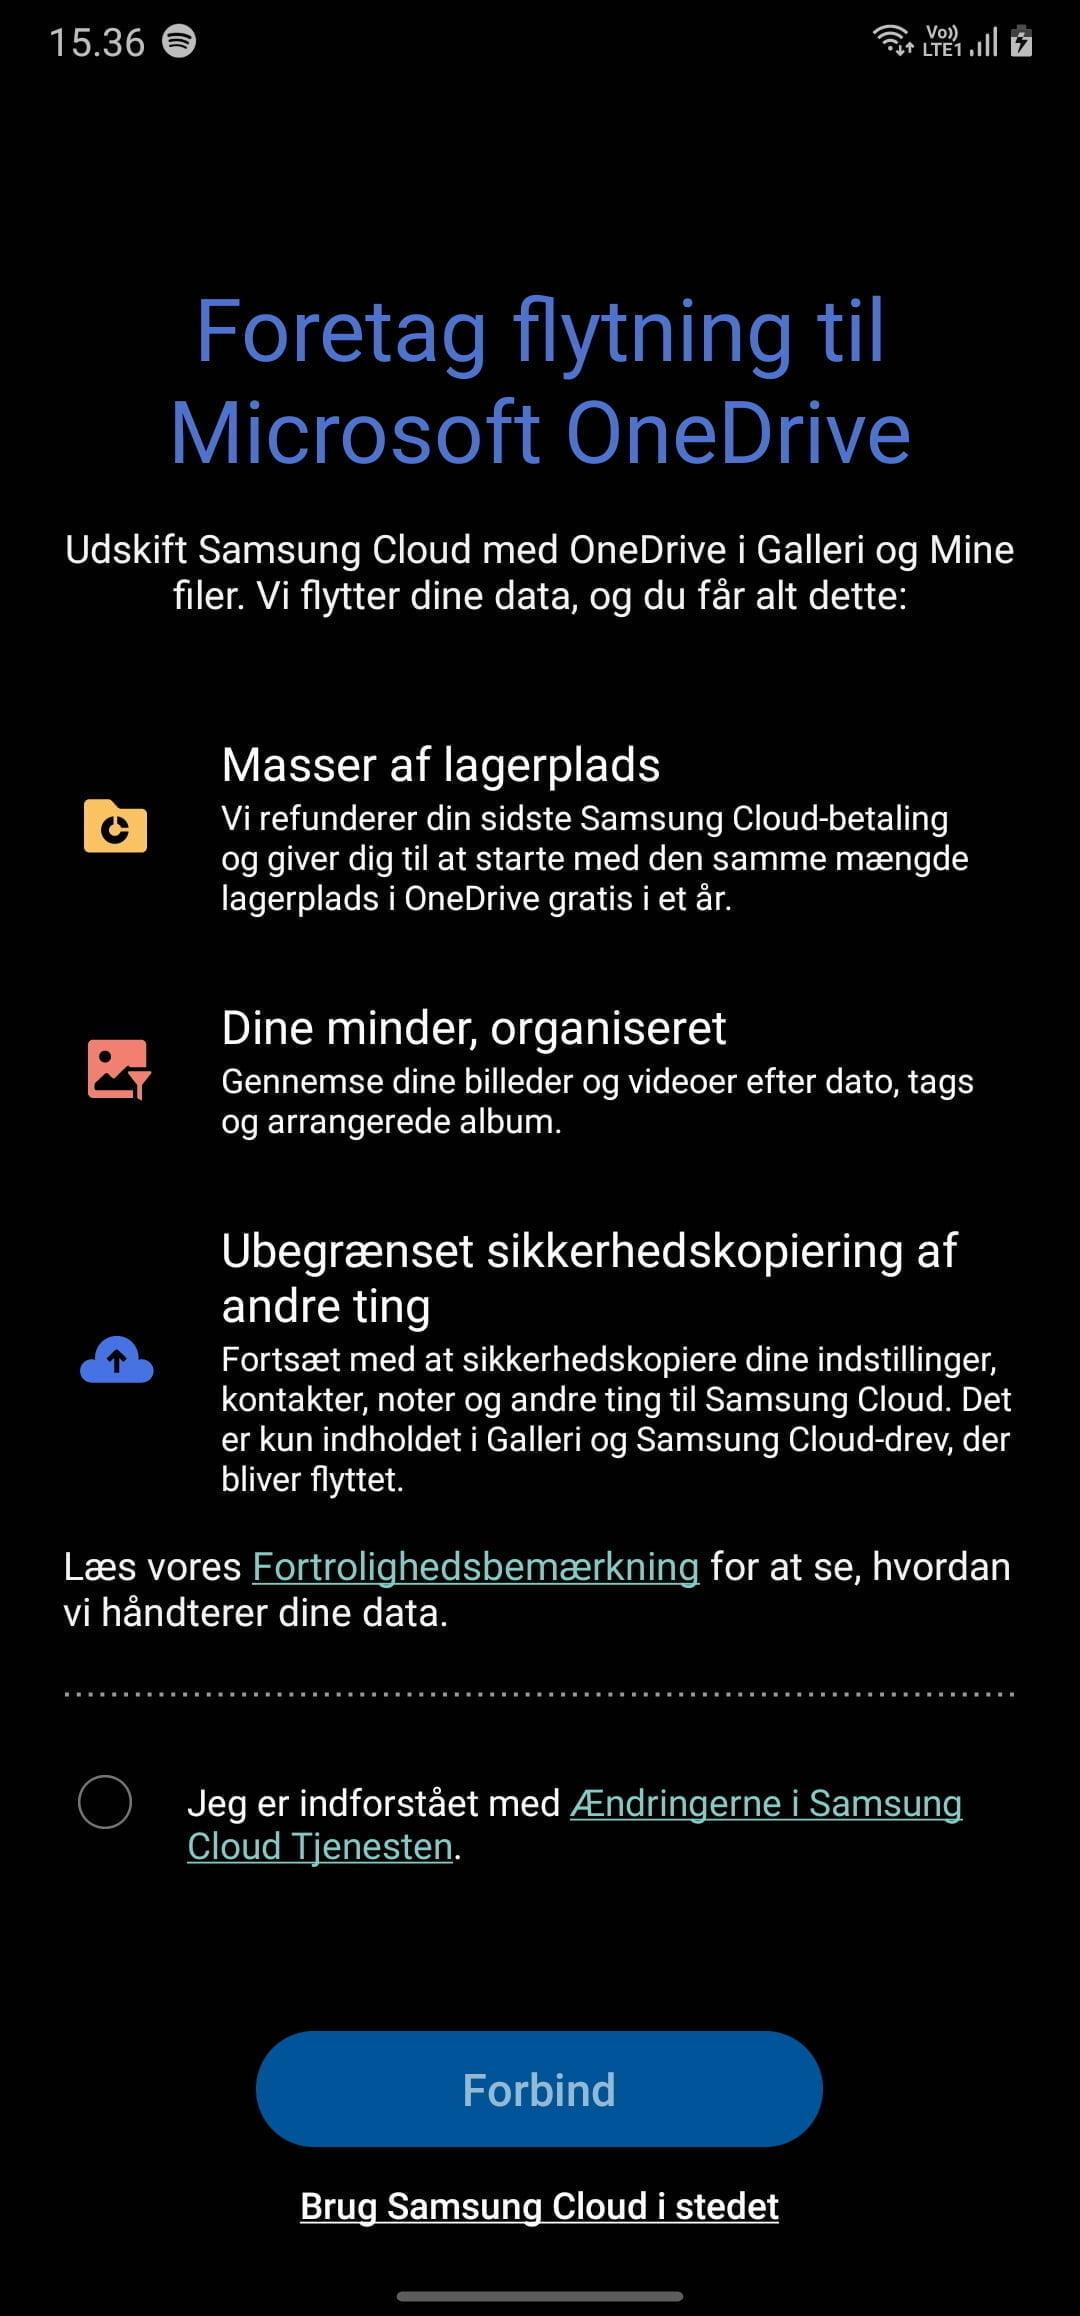 Skærmbillede fra Galaxy Note20 Ultra